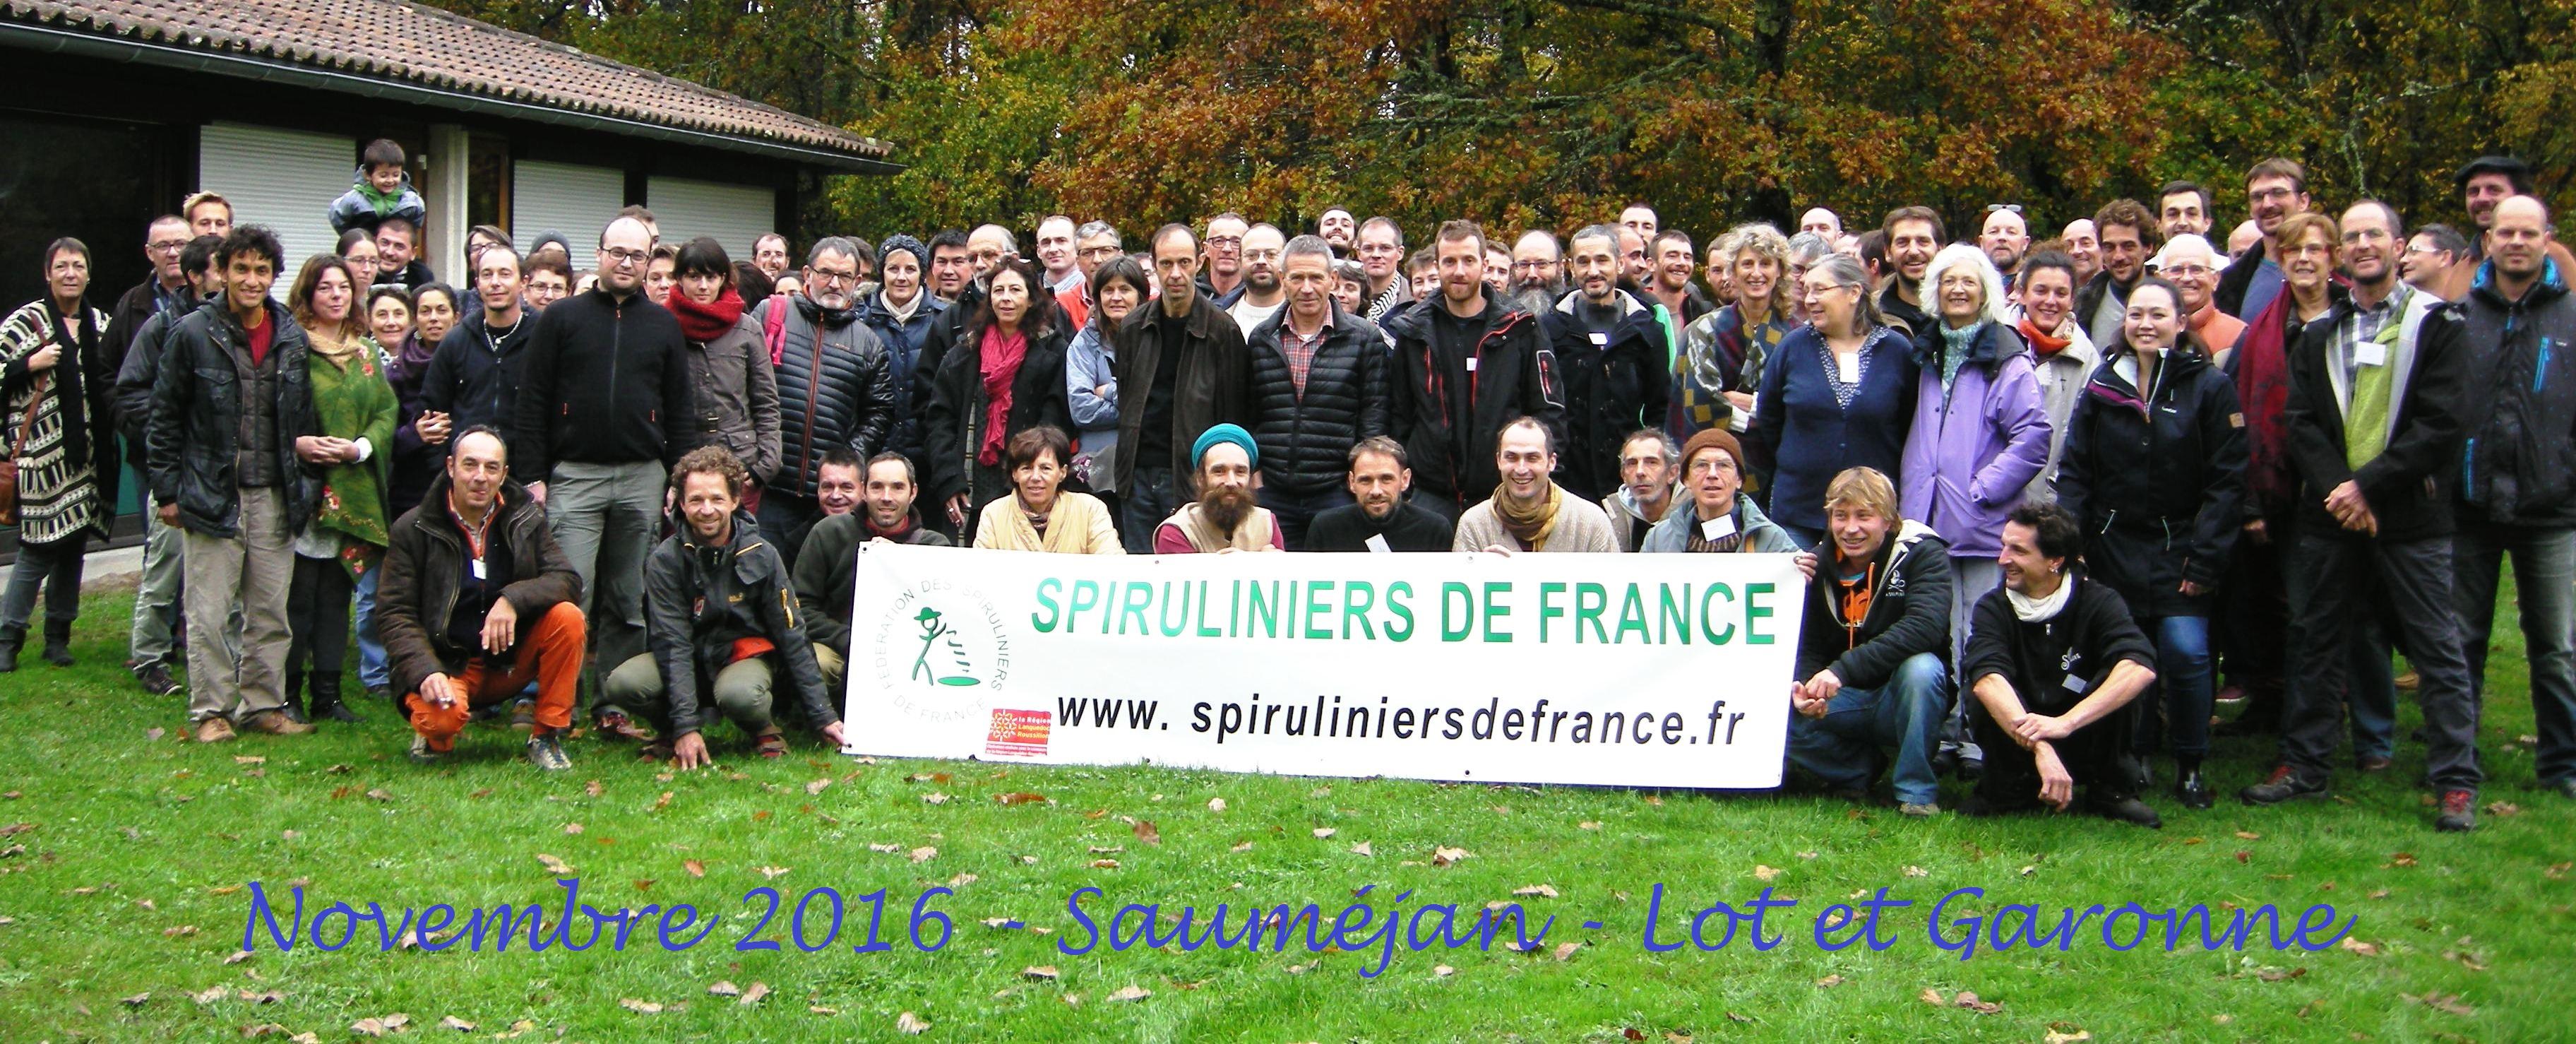 Les Spiruliniers de France au colloque 2016 à Sauméjan